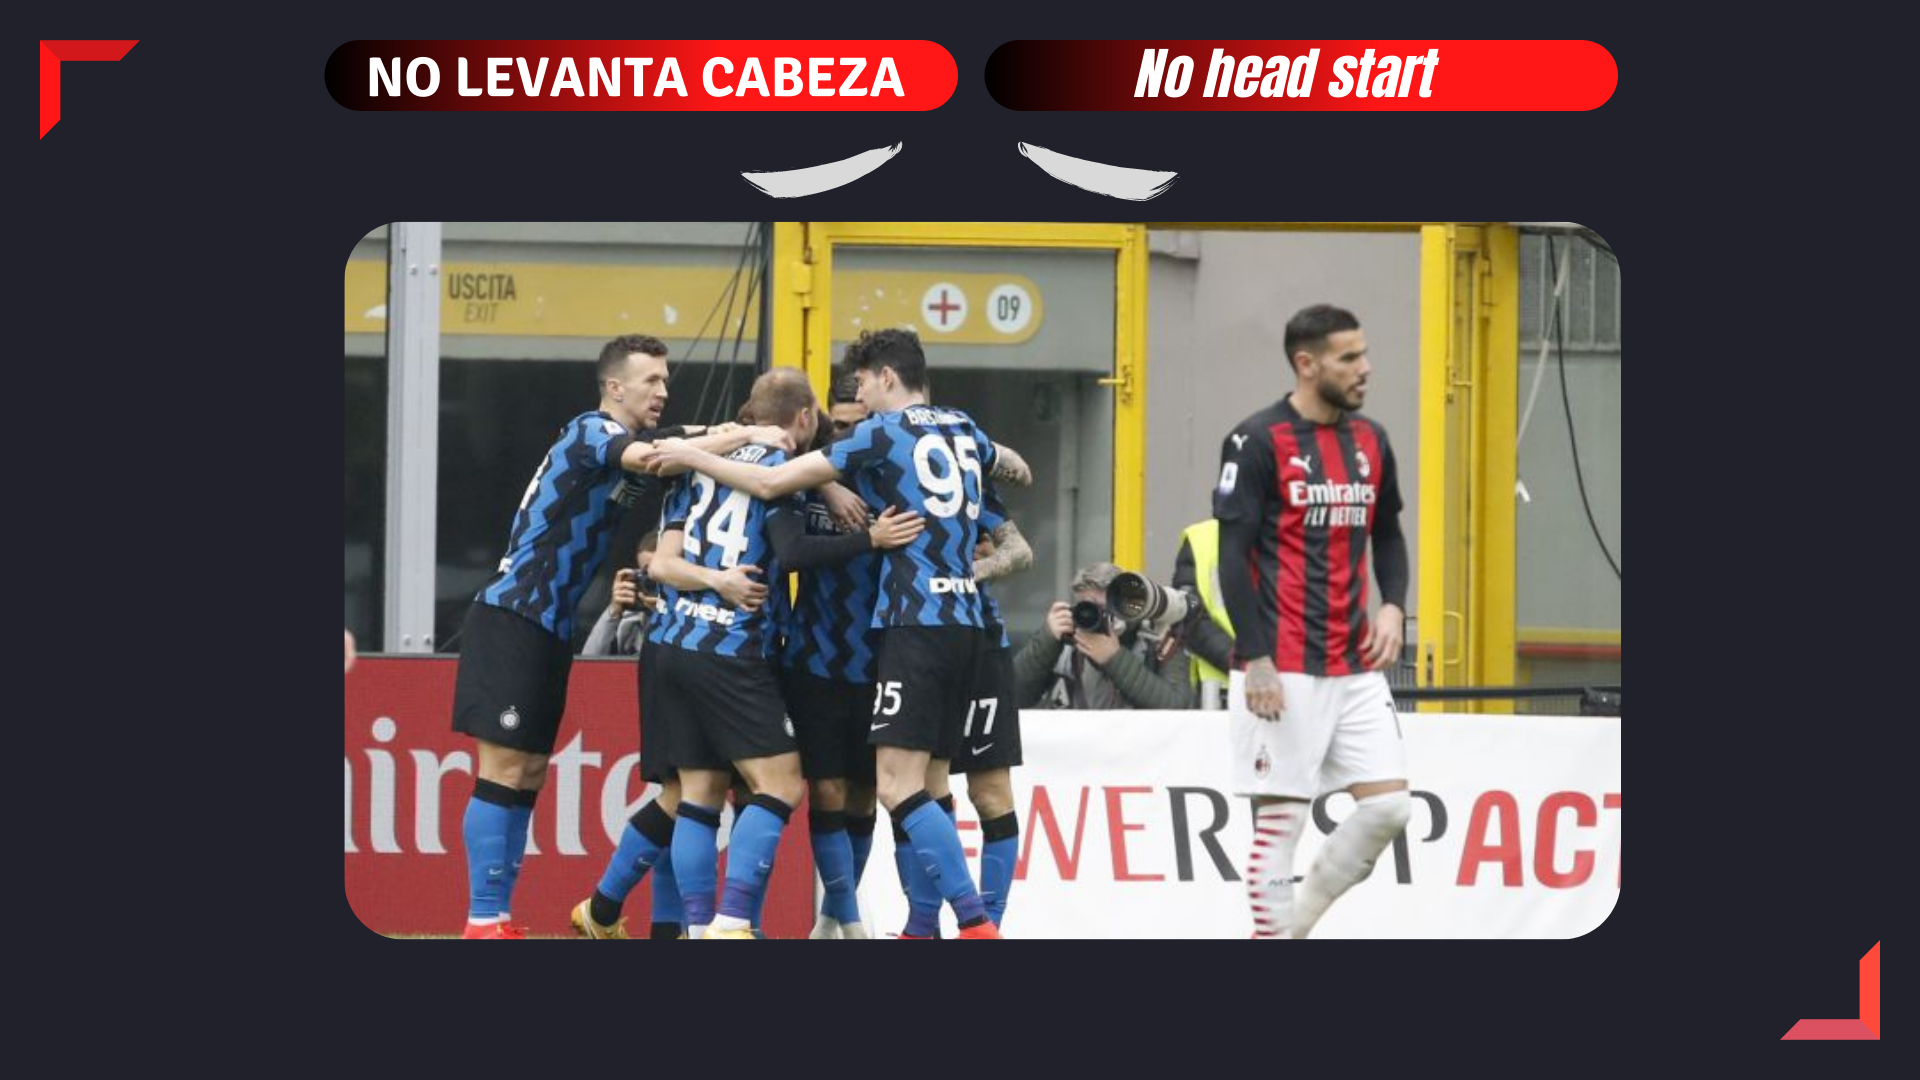 El AC Milan no quiere levantar cabeza.png